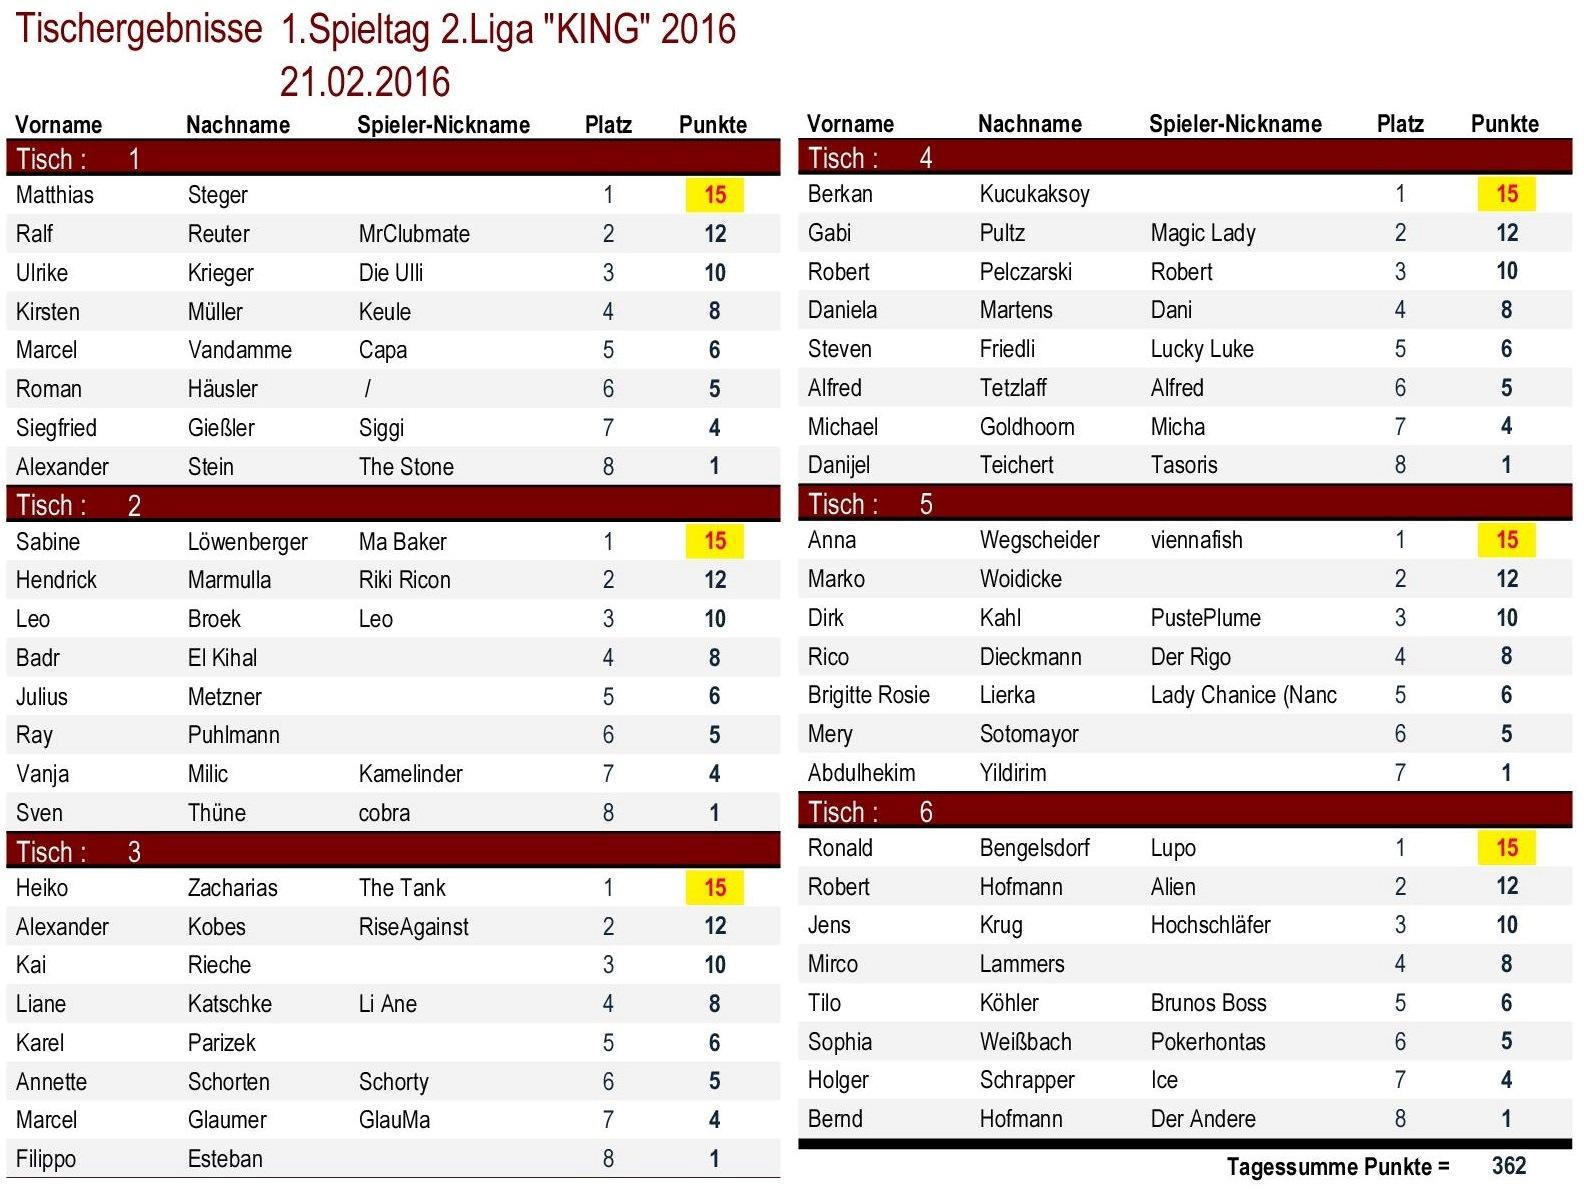 Tischergebnisse 2.Liga `KING` 1.Spieltag 2016